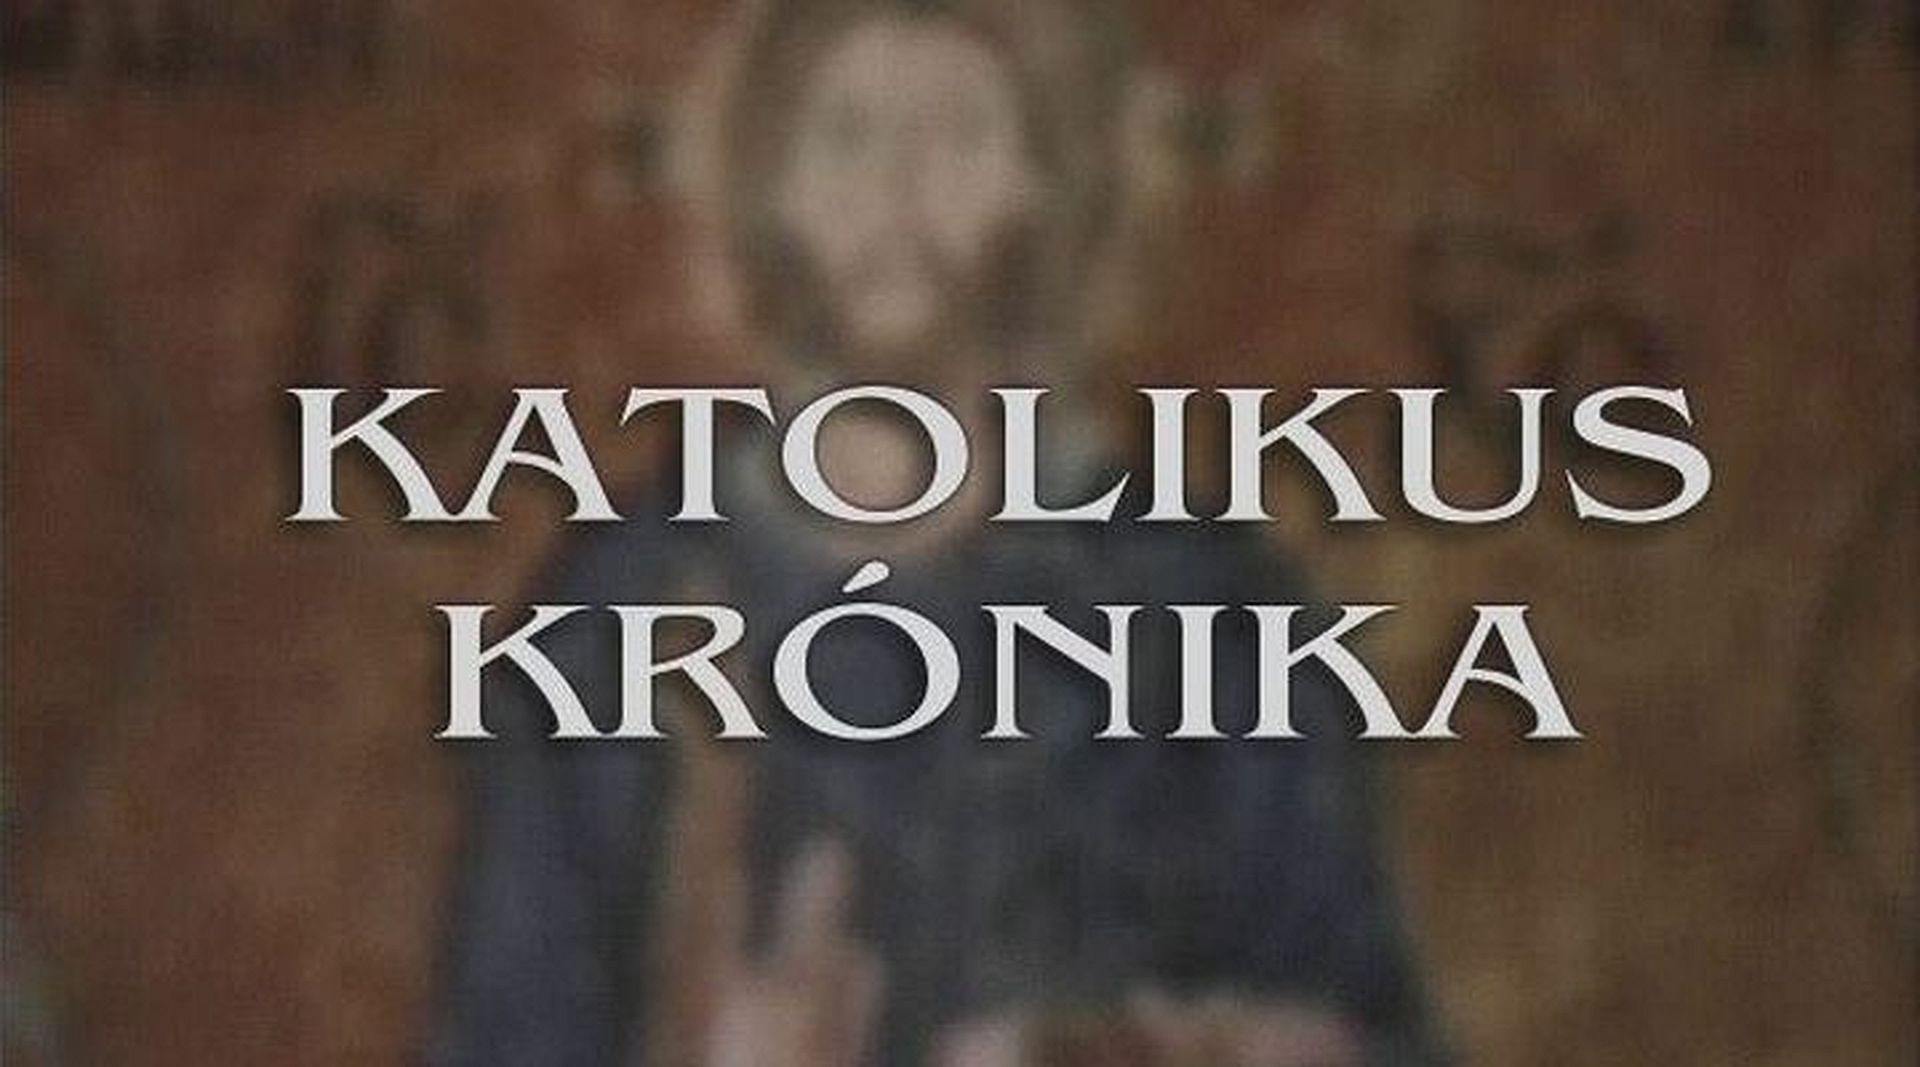 Katolikus krónika